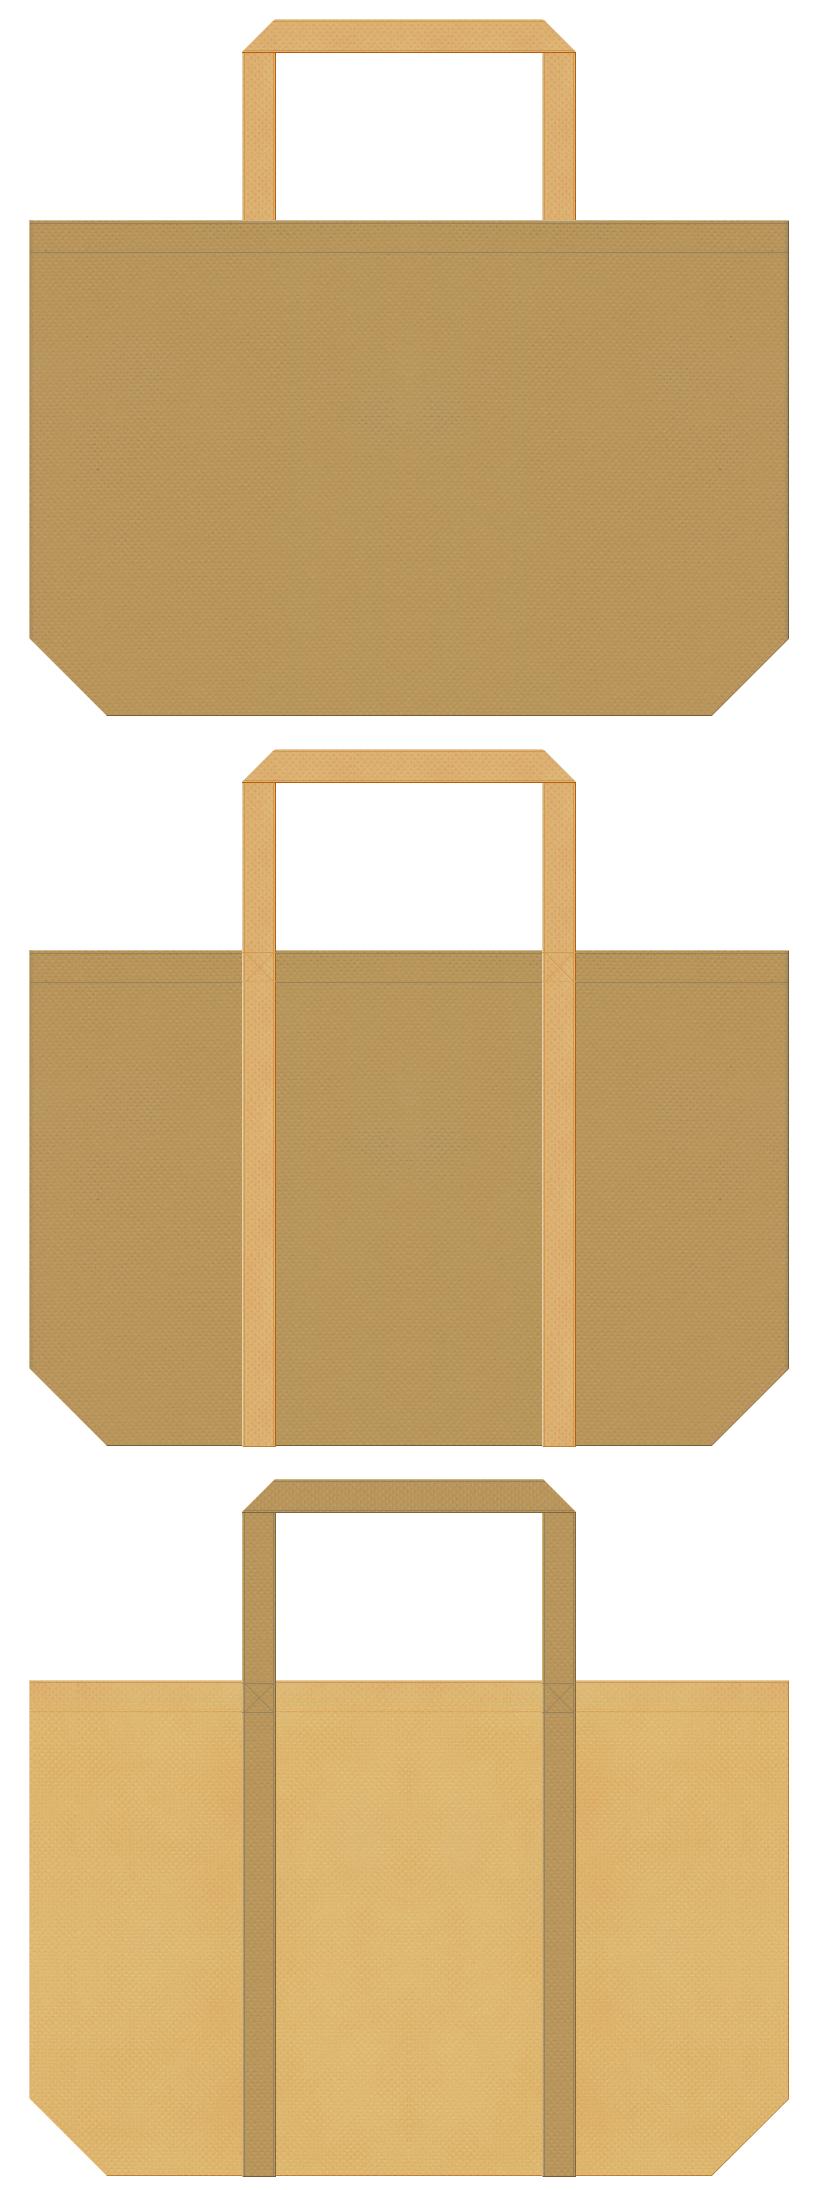 から揚げ・米酢・味醂・調味料・三温糖・日曜大工・工作教室・作業用品・土俵・相撲・縄・麦・干草・ロープ・秋冬・毛糸・手芸教室・DIYのショッピングバッグにお奨めの不織布バッグデザイン:マスタード色と薄黄土色のコーデ